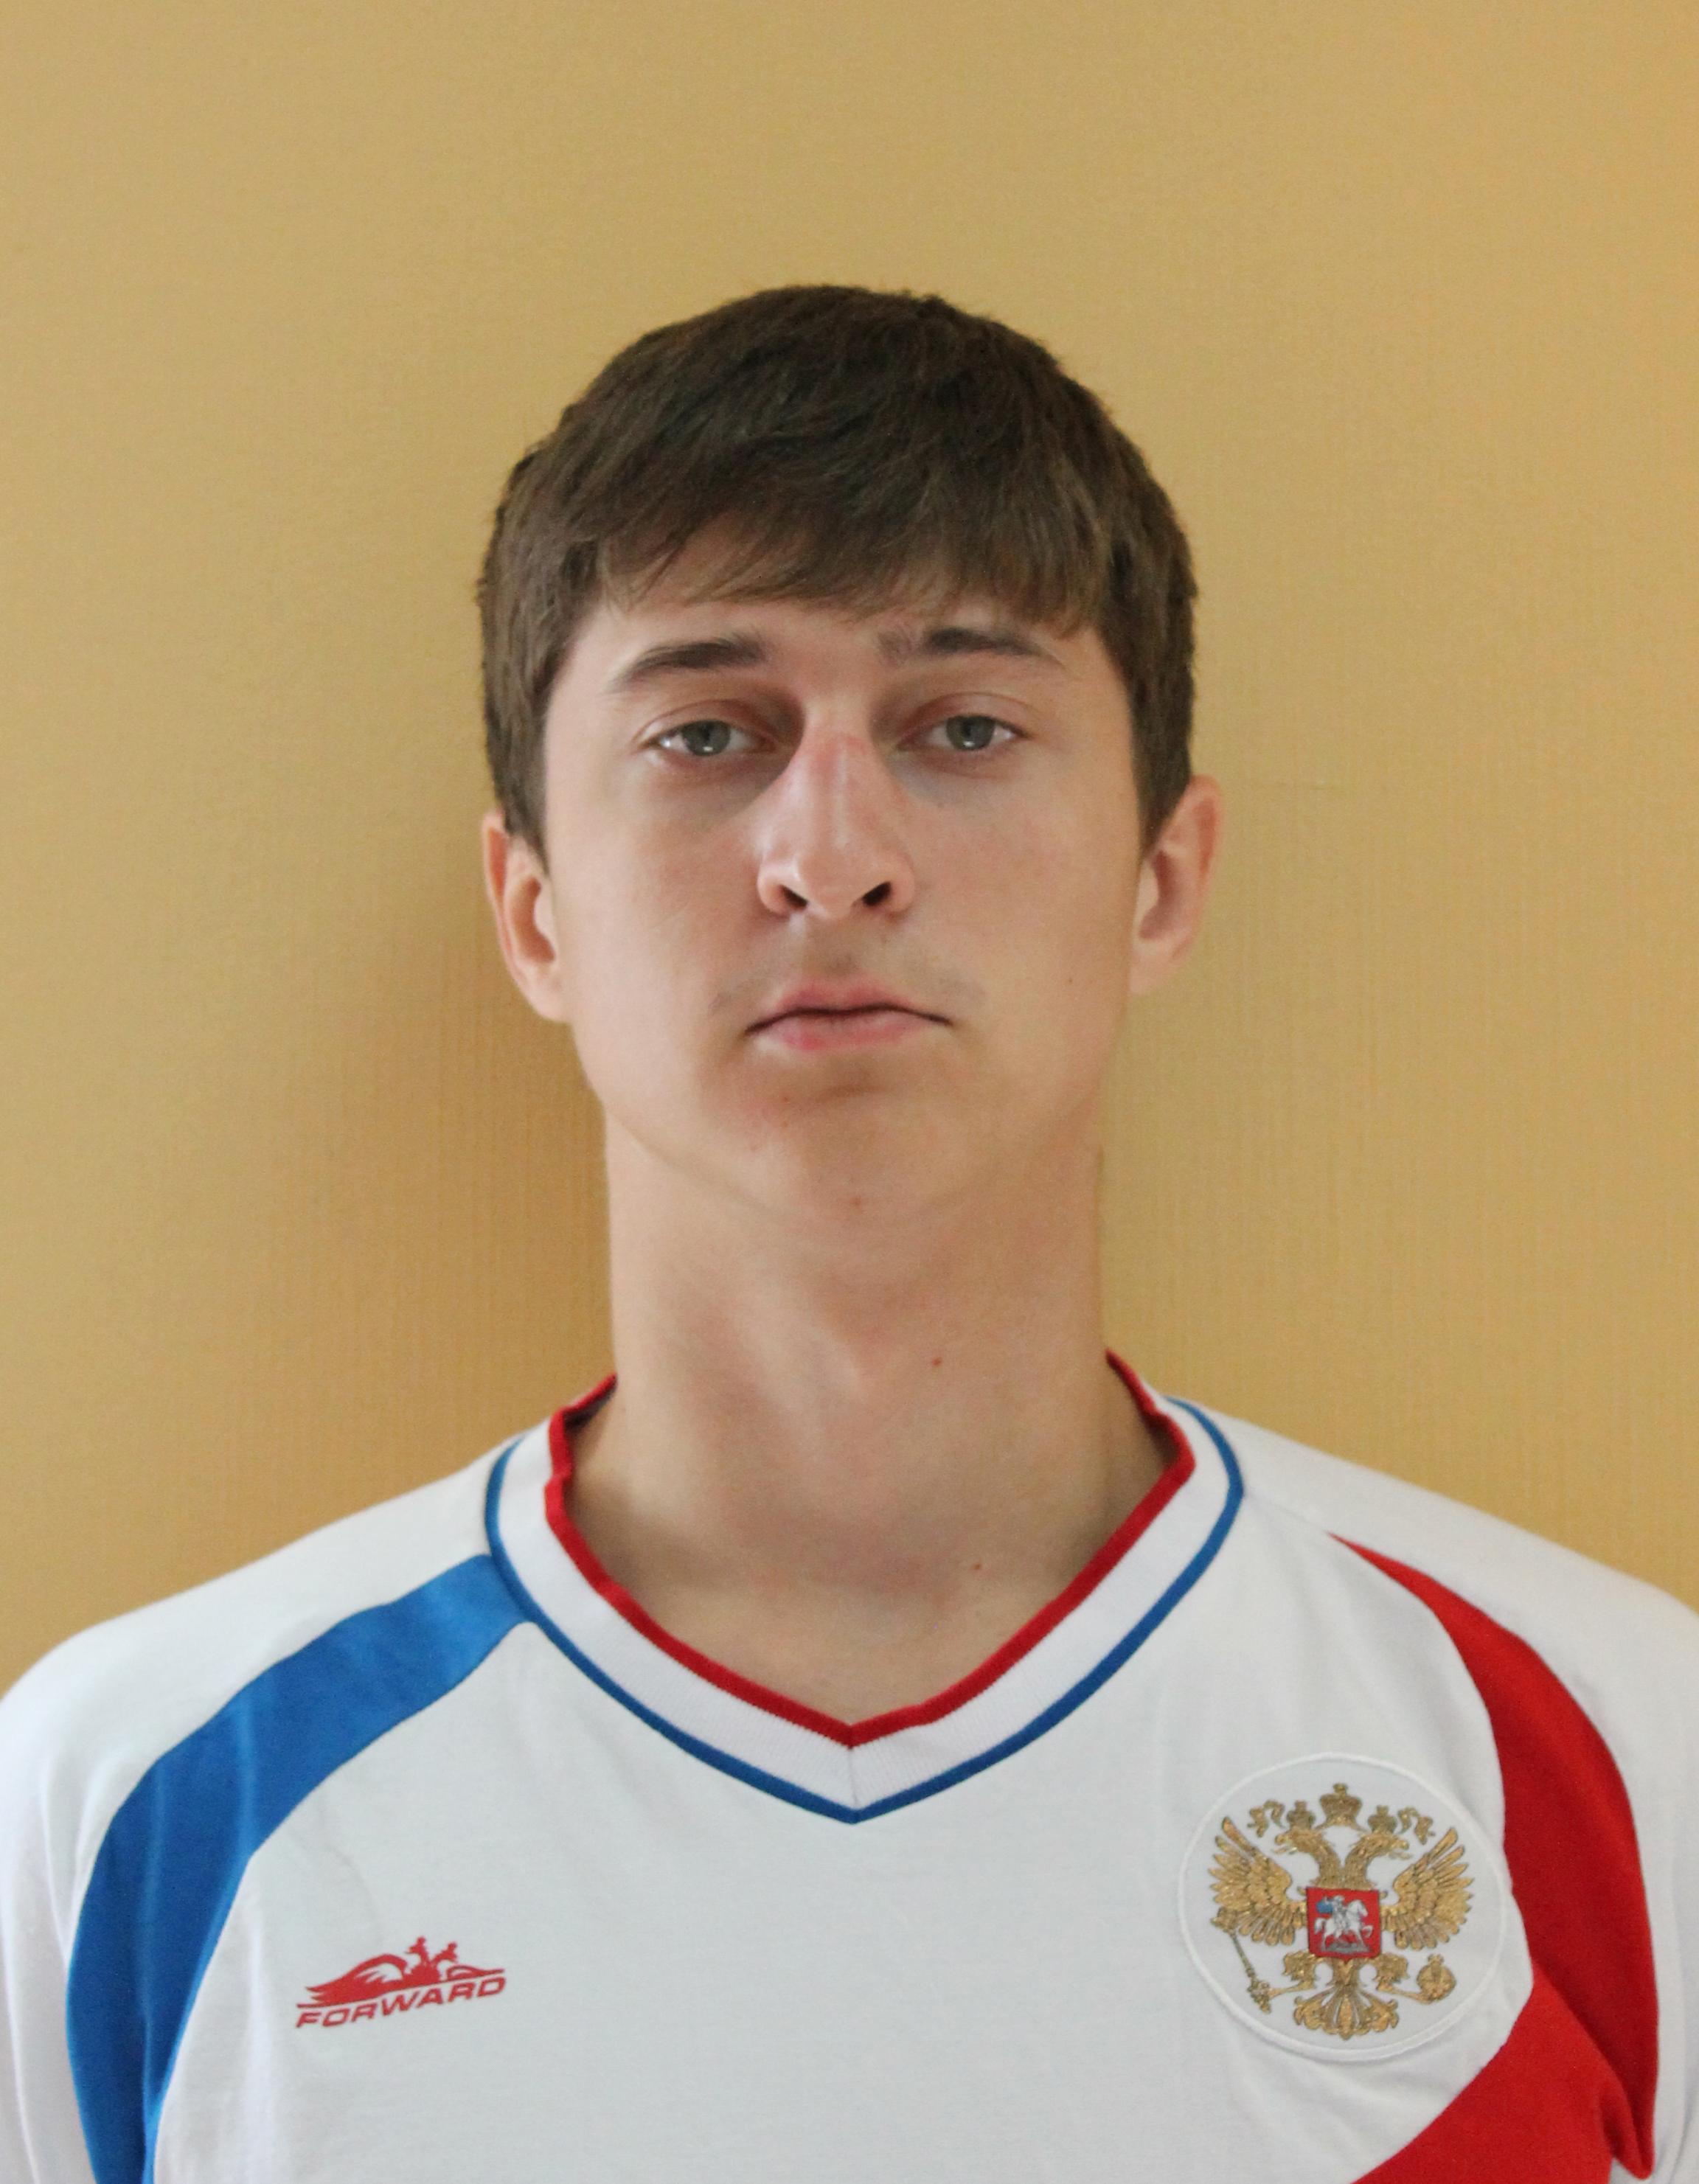 Ivan Podrebinkin